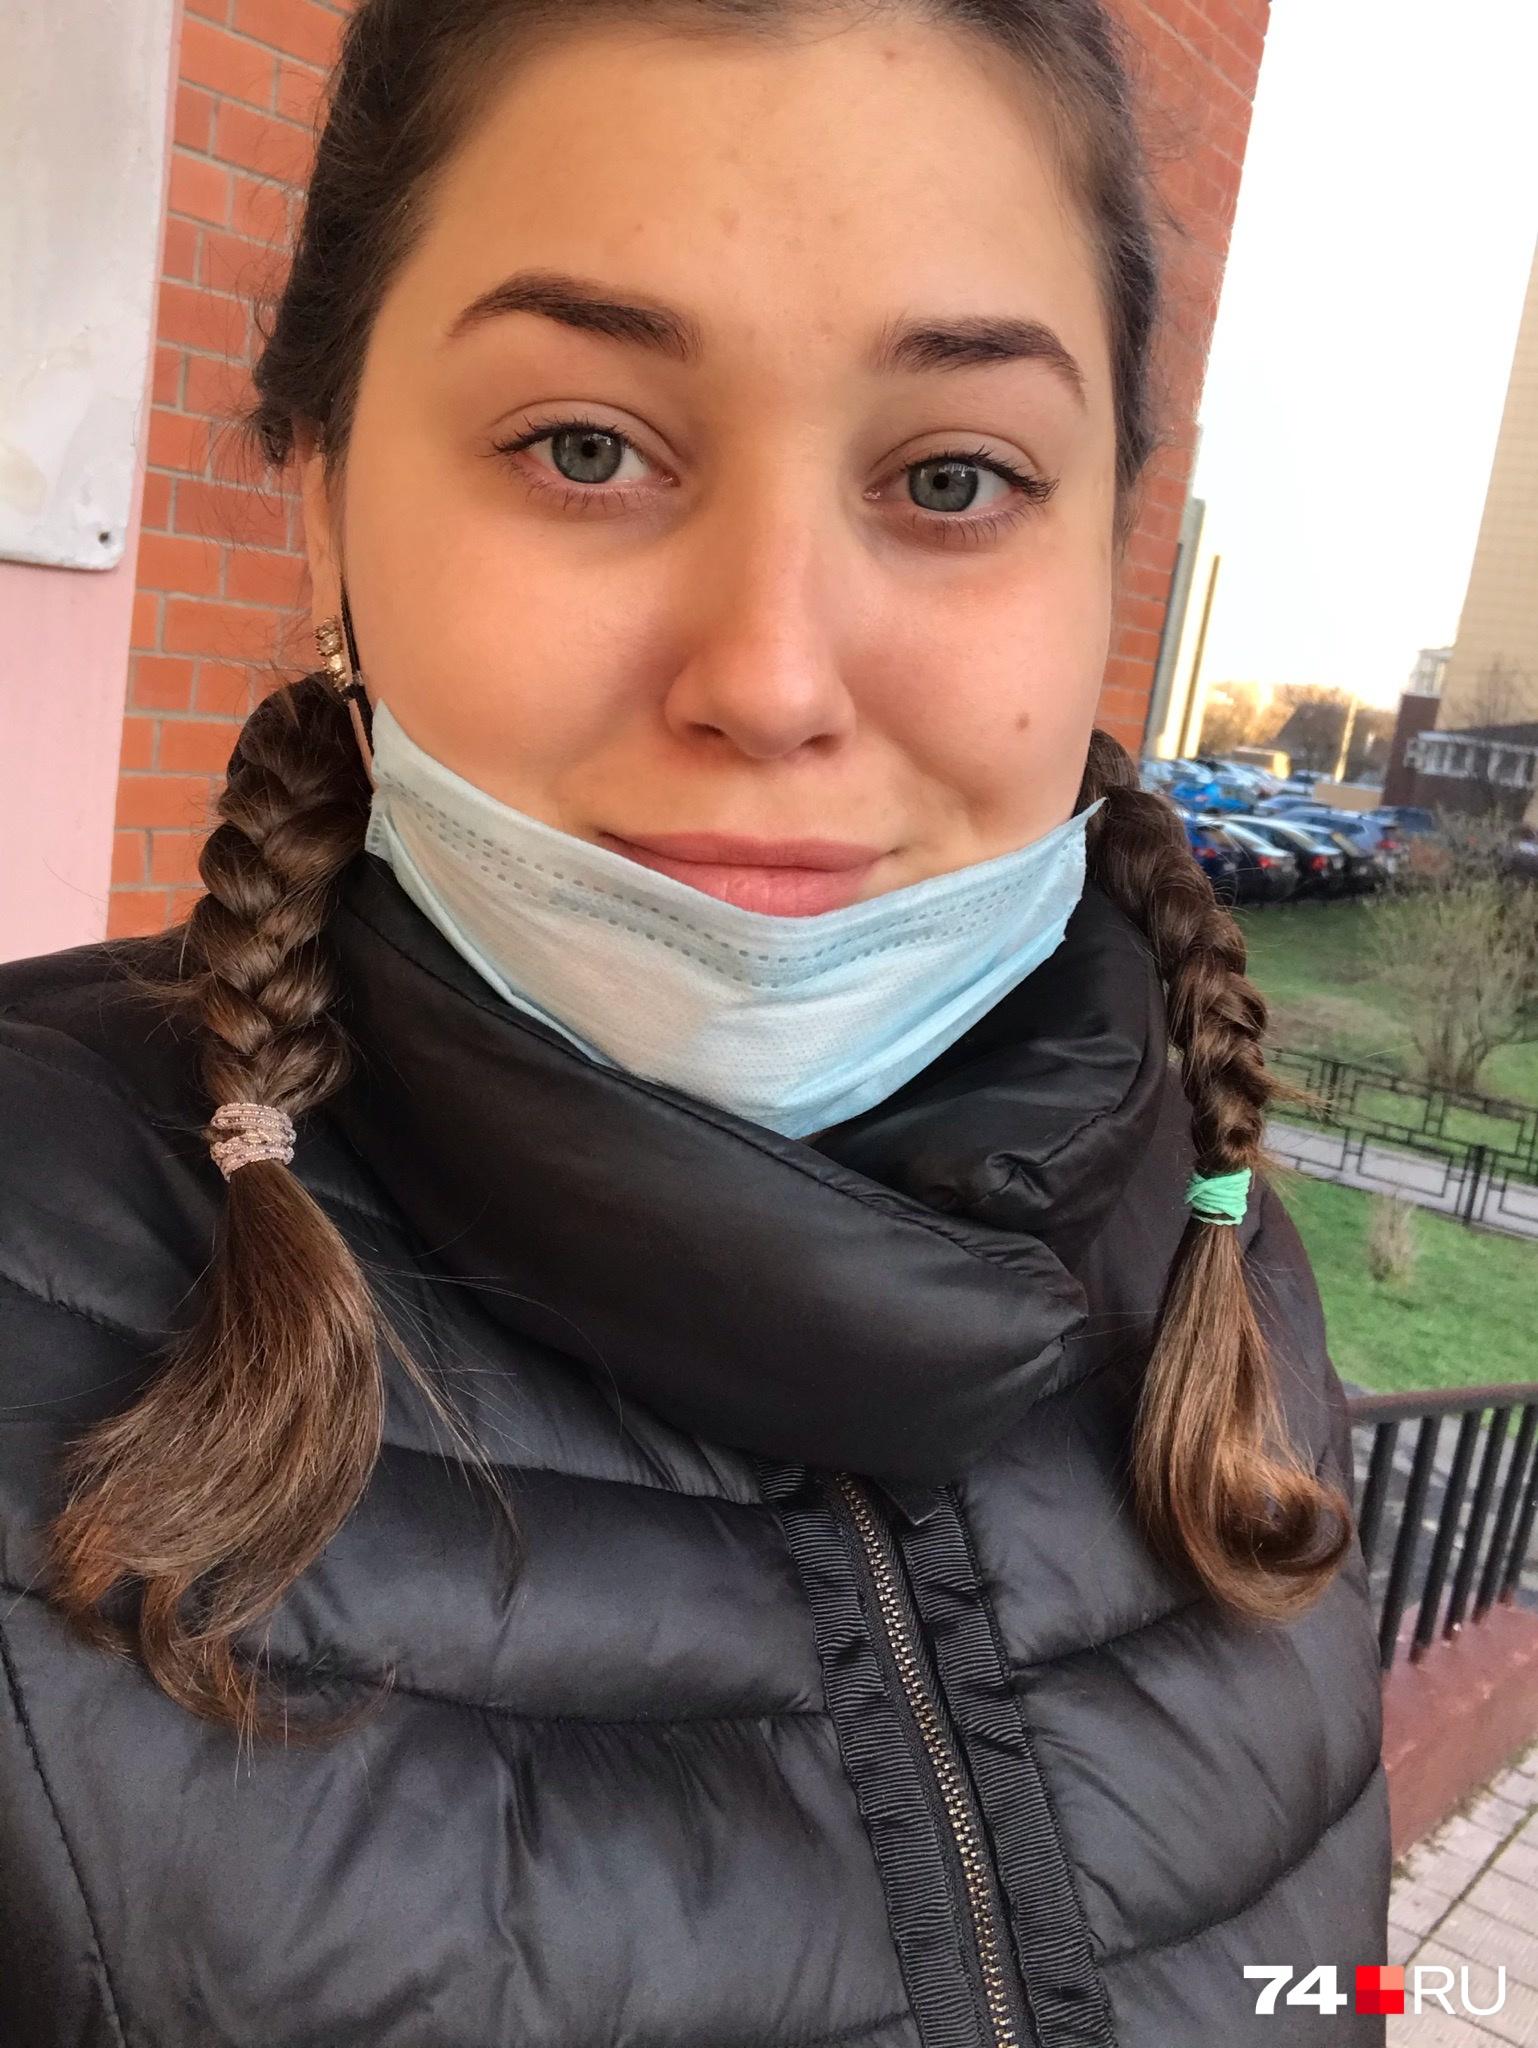 Анна соблюдает в общественных местах все необходимые меры предосторожности, но они от «ковида» её не уберегли